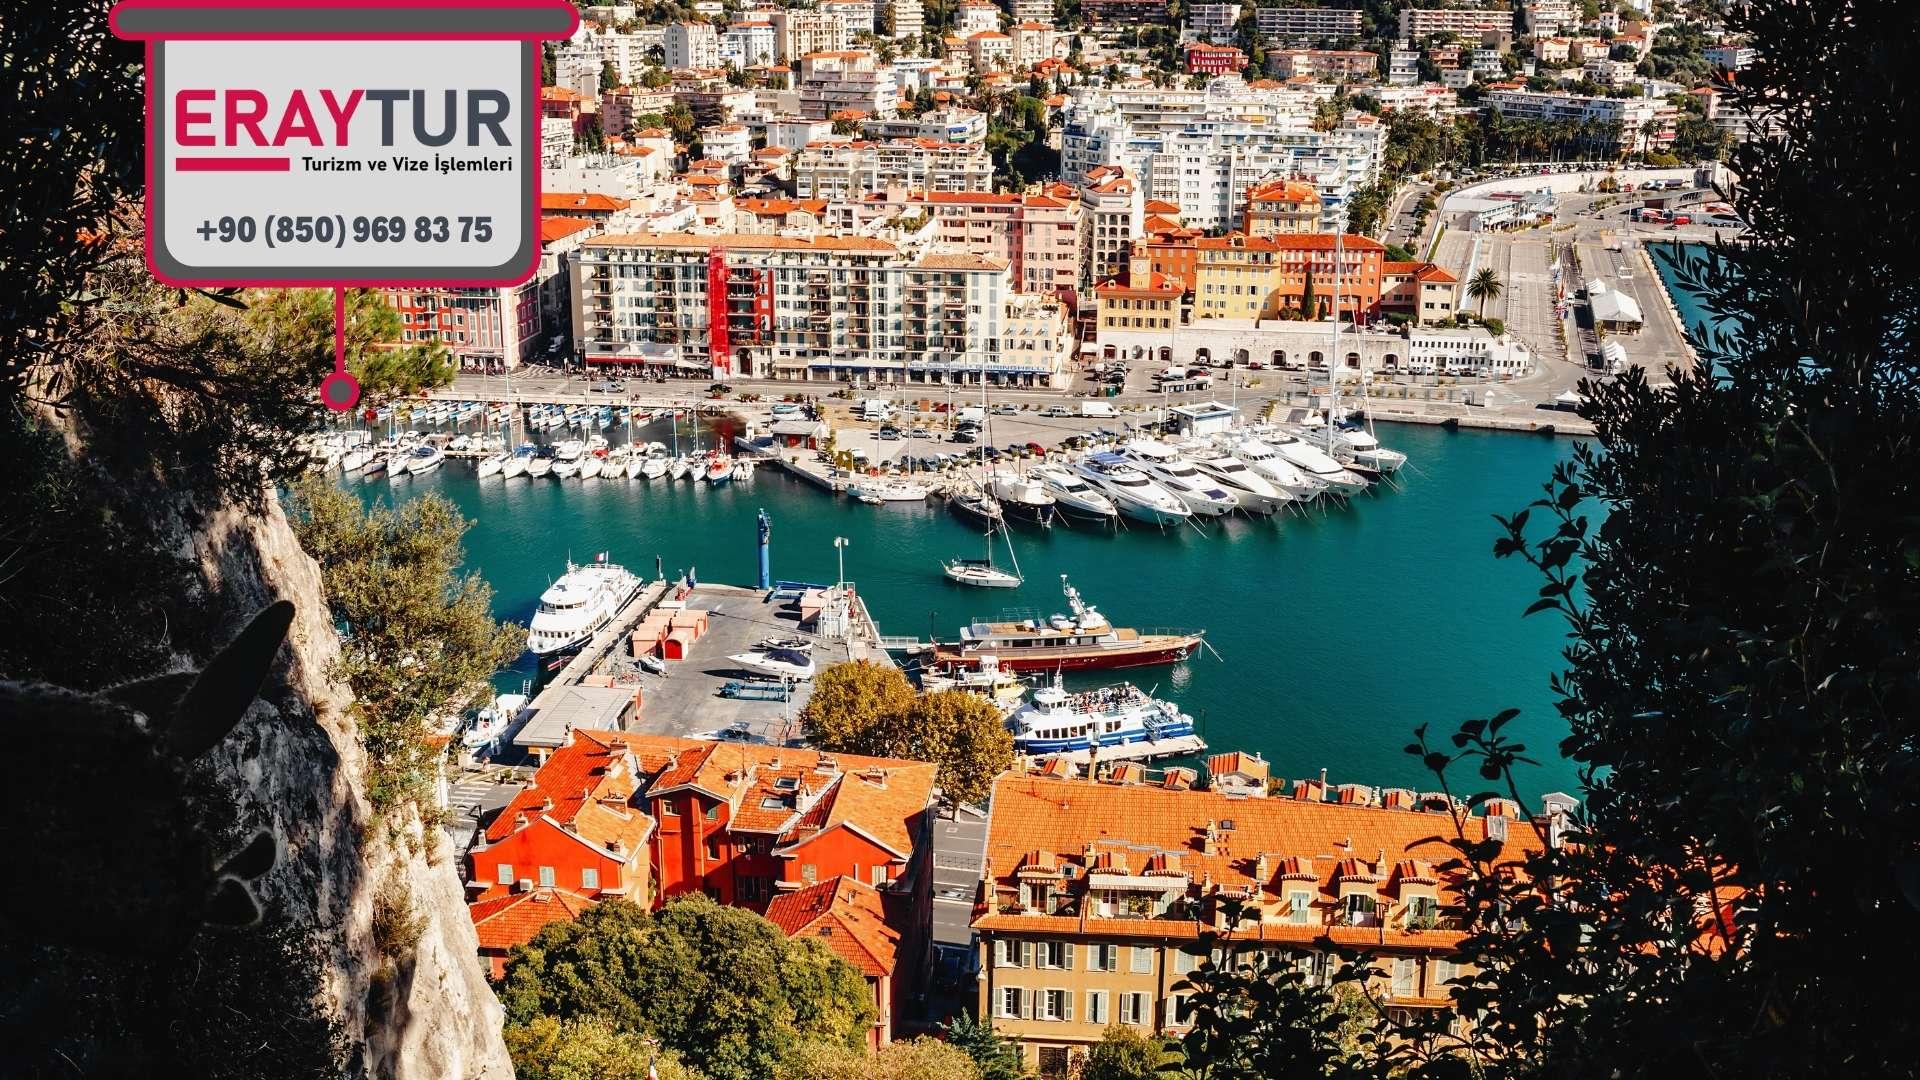 Fransa Turistik Vize İşsiz Evrakları